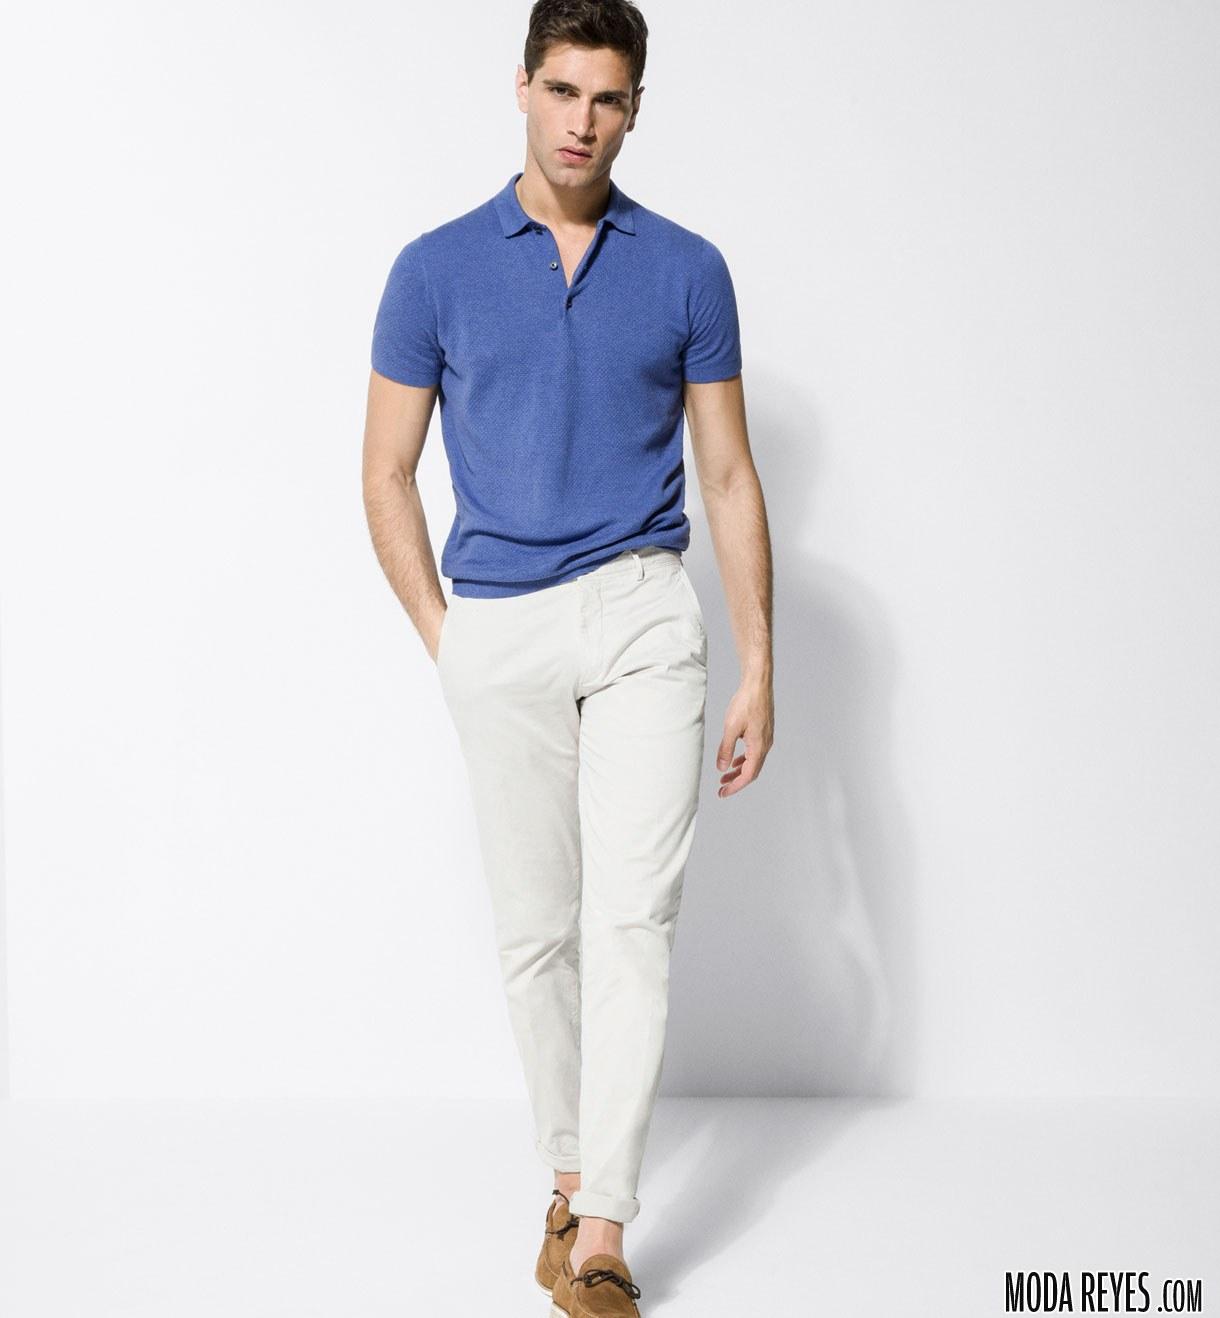 pantalón pitillo blanco con polo